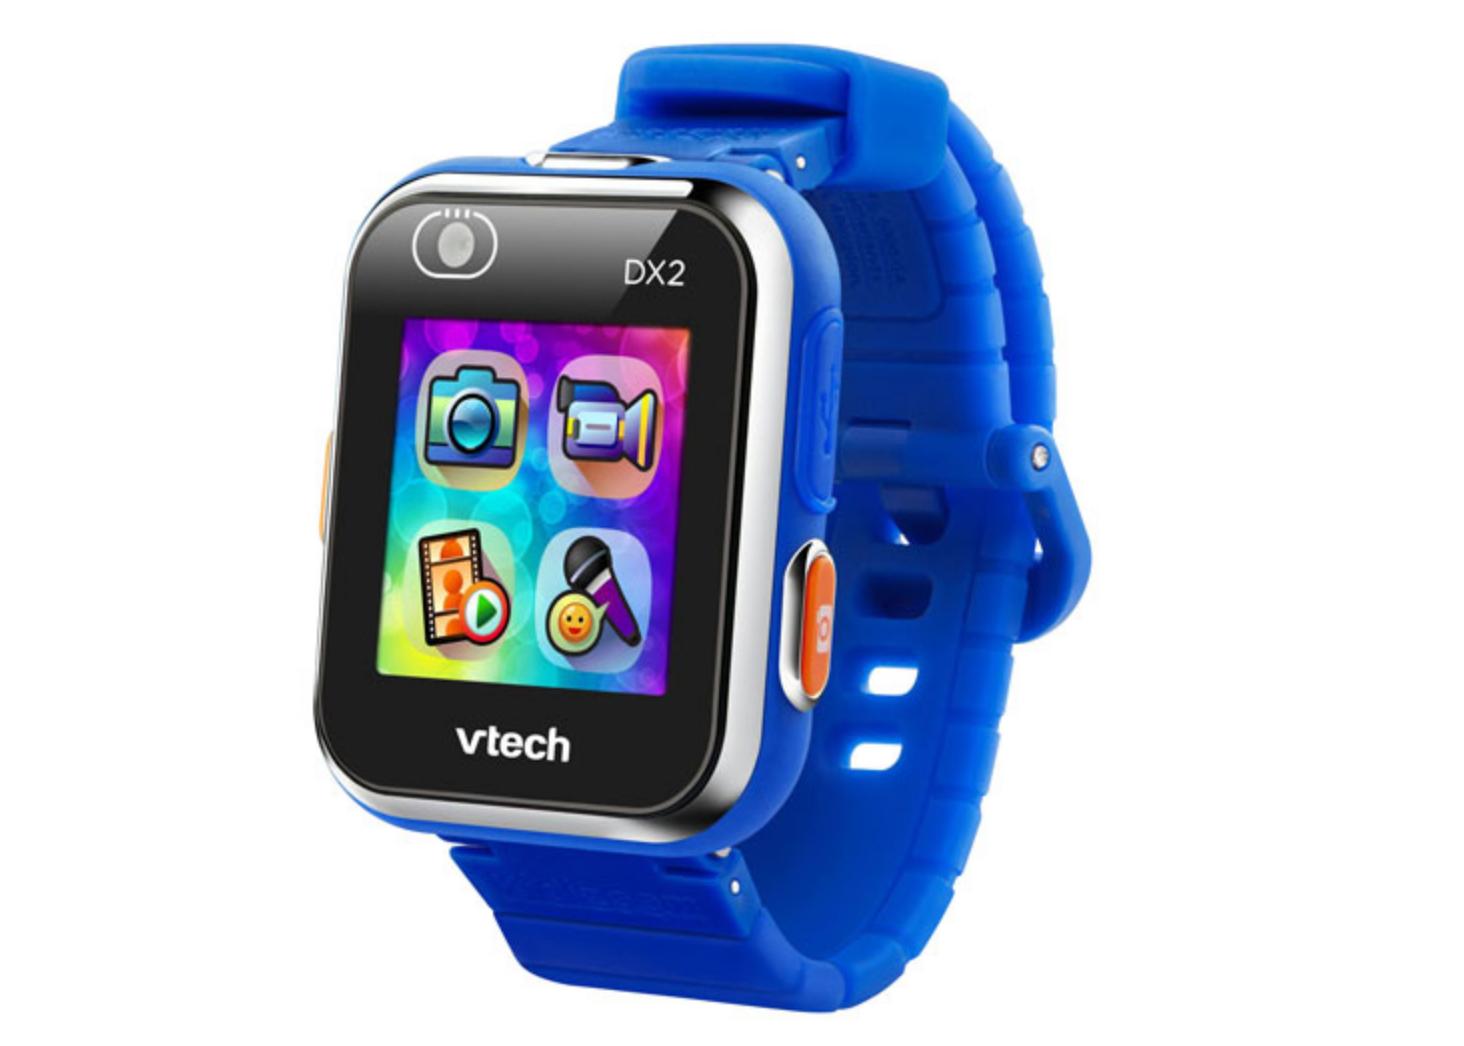 vtech kidizoom dx2 smartwatch